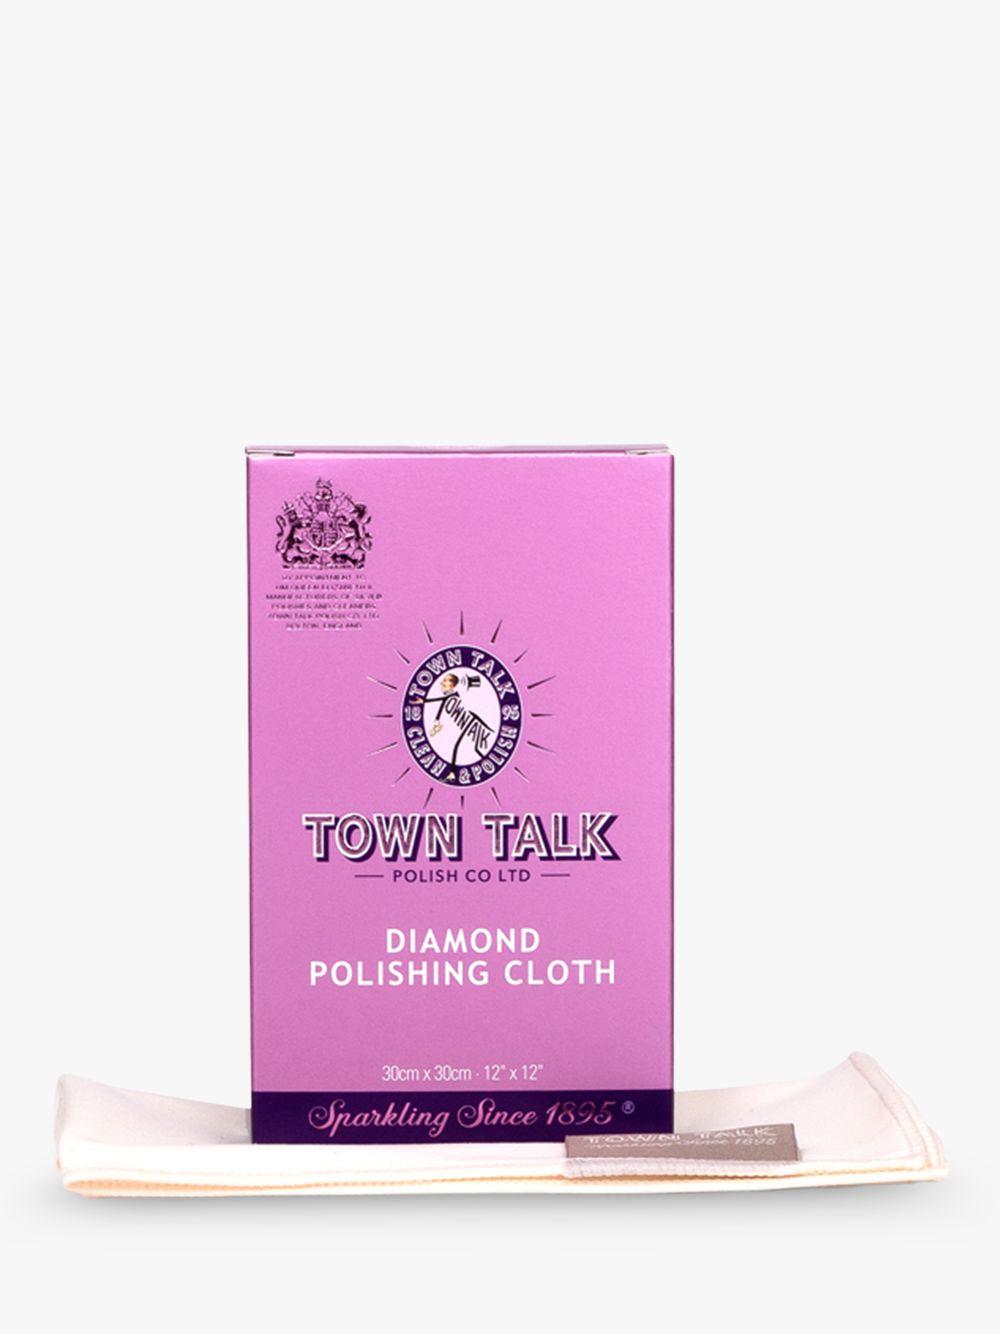 Town Talk Town Talk Diamond Polishing Cloth